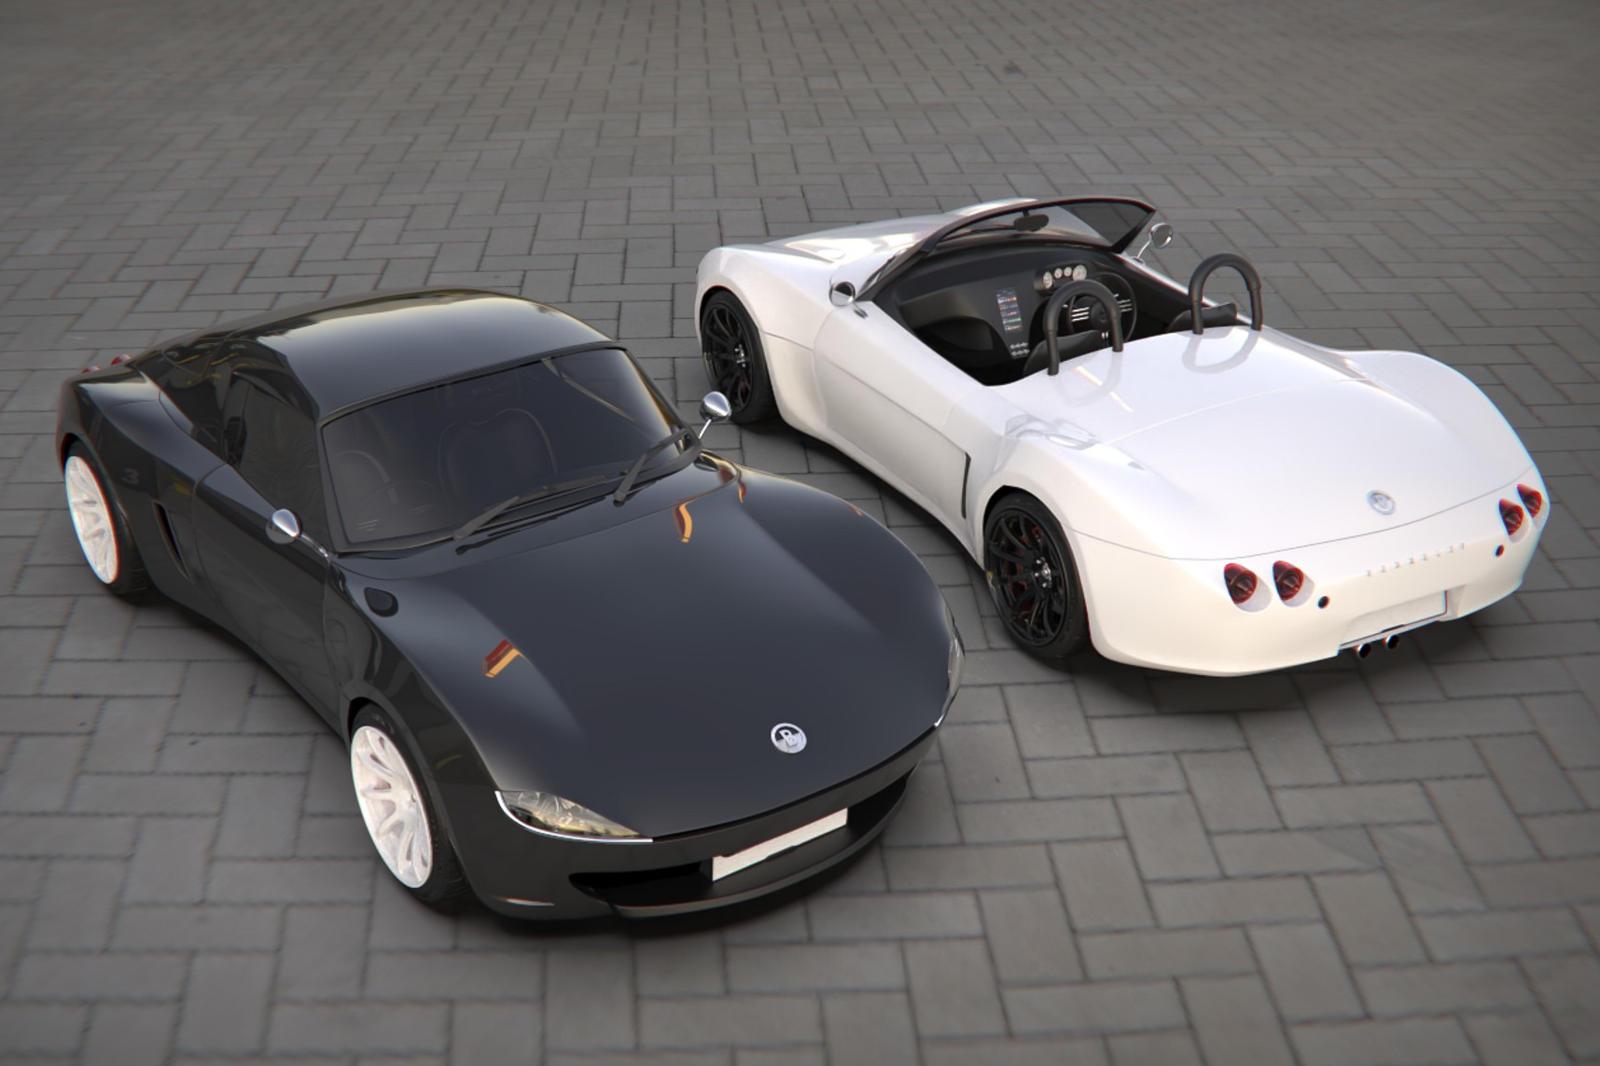 Нет ничего лучше хорошей истории автомобильного возвращения. Совершенно новый Ford Bronco - один из таких примеров, который продолжает поднимать волну внимания, но менее популярные автопроизводители иногда делают то же самое, например Lotus, поставщи